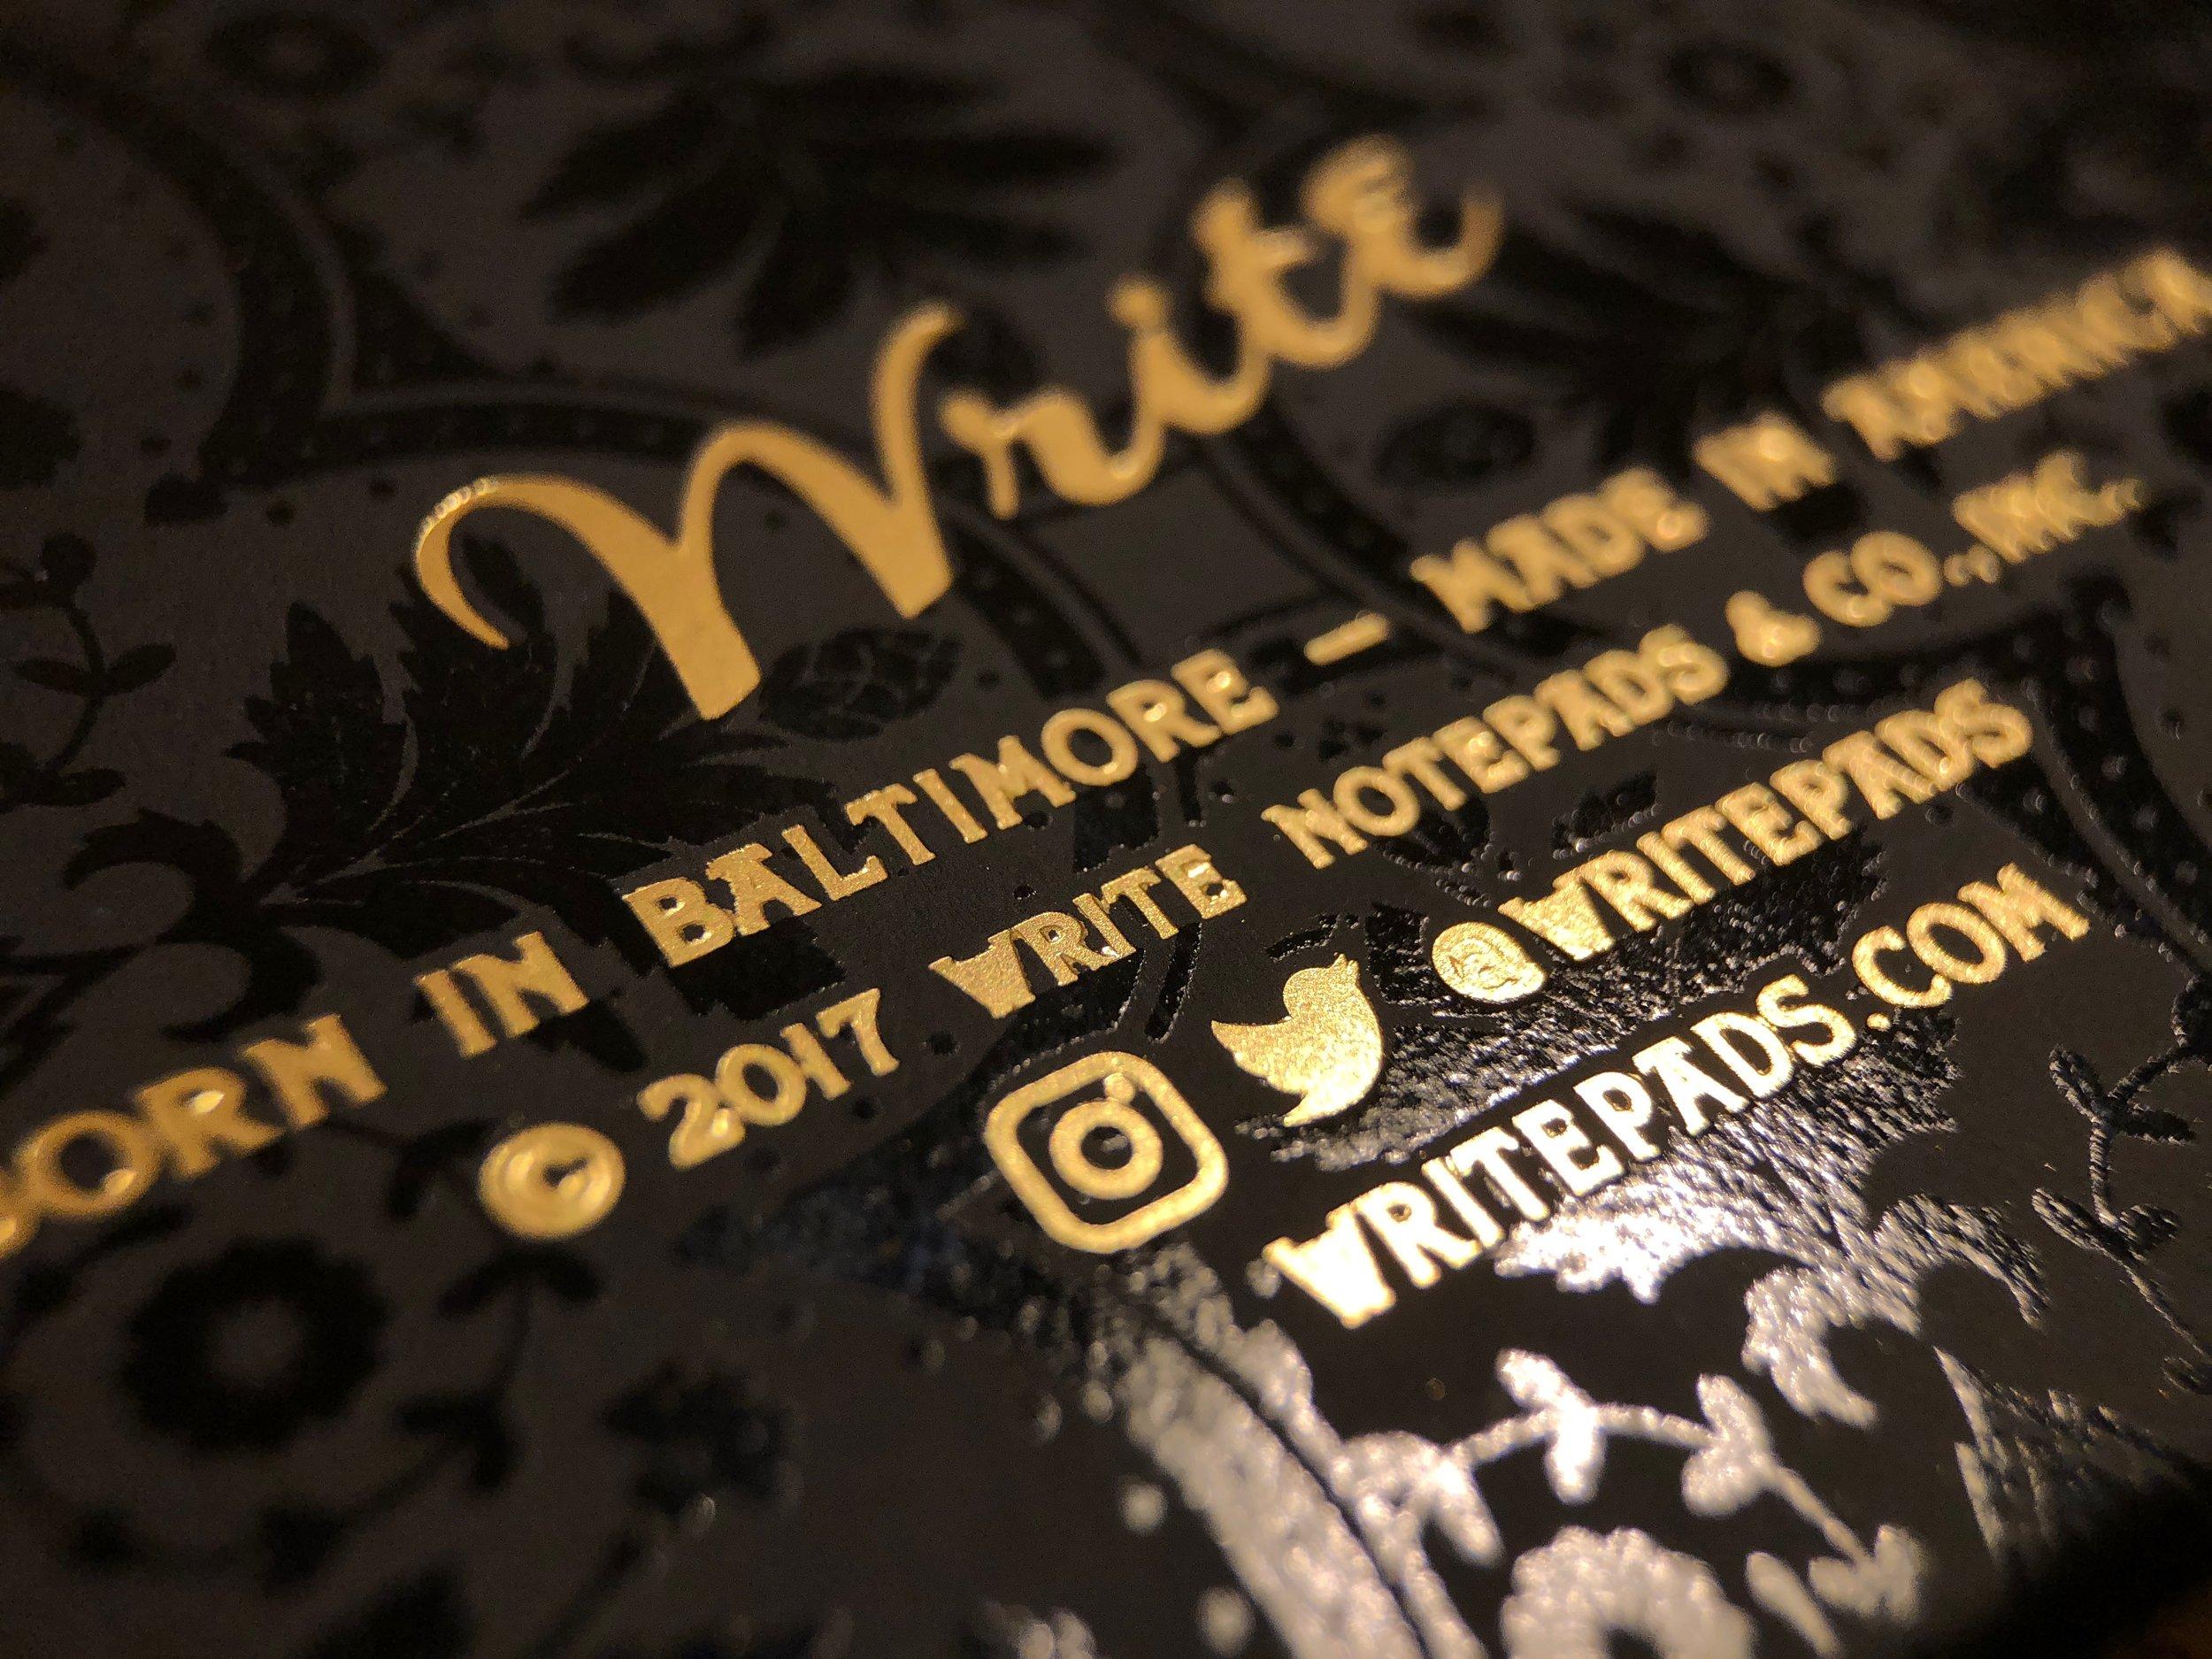 Write-notepads-goldfield-notebook-8.jpg